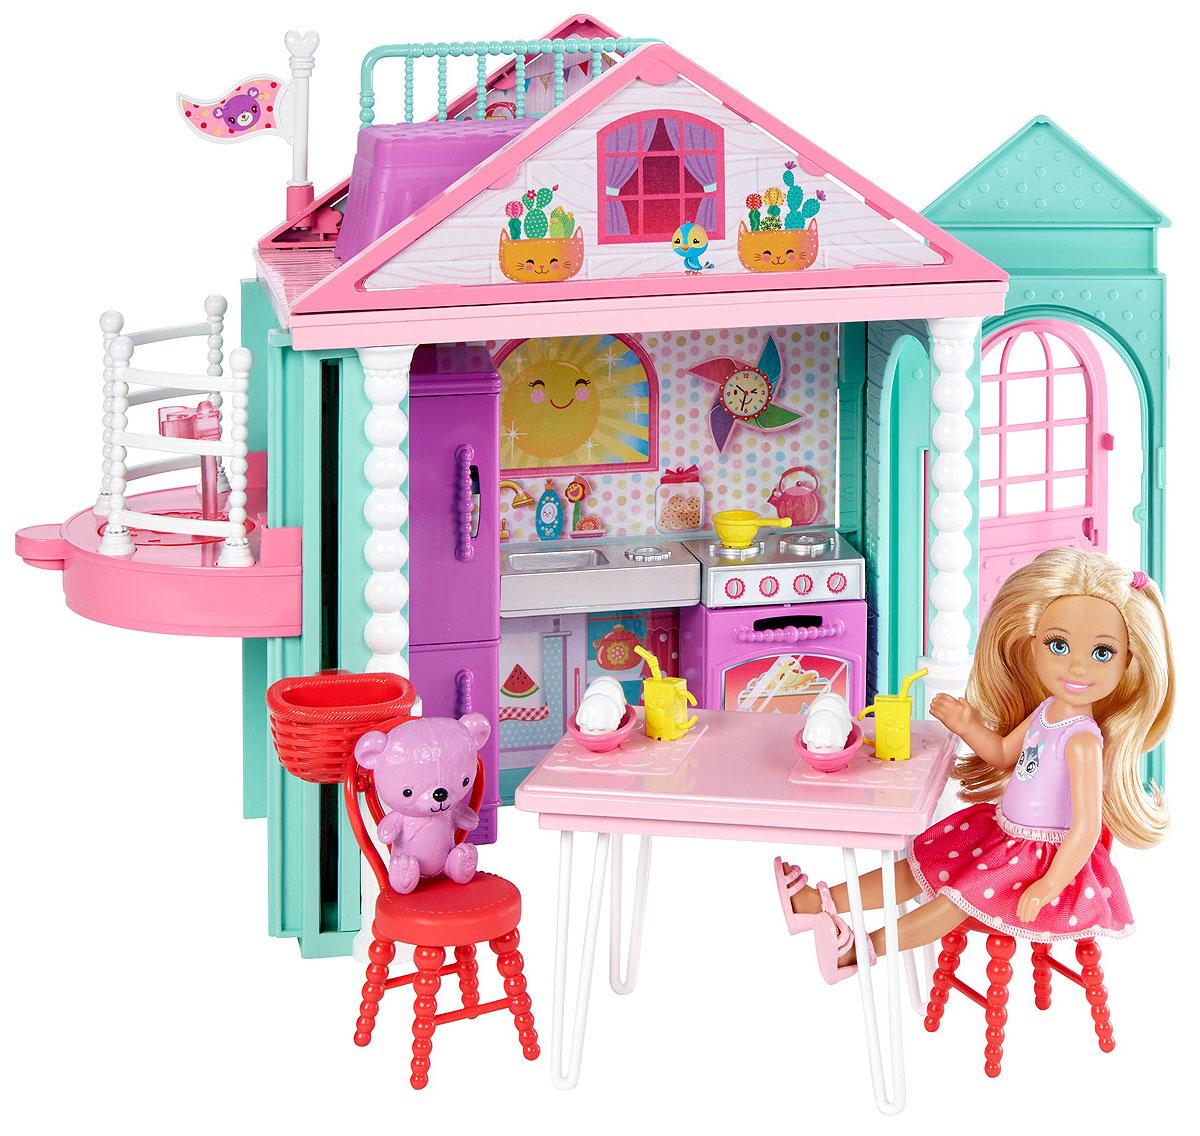 Barbie Домик ЧелсиDWJ50Двери двухэтажного клубного домика куклы Челси всегда открыты для вас! Откройте розовую дверь и встречайте друзей! В домике предусмотрена кухня с открывающимися шкафчиками, второй этаж, работающий лифт с платформой для Челси и корзинкой для ее медвежонка (входит в комплект). В доме имеется мебель. Напитки и навес от солнца так хороши для разговоров с друзьями! А в кровати на втором этаже можно мечтать днем или крепко спать ночью. Кукла Челси одета в майку, милую юбочку в белый горошек и розовые босоножки. Детям понравится разыгрывать дружеские посиделки с этим набором, ведь с Barbie возможно все!